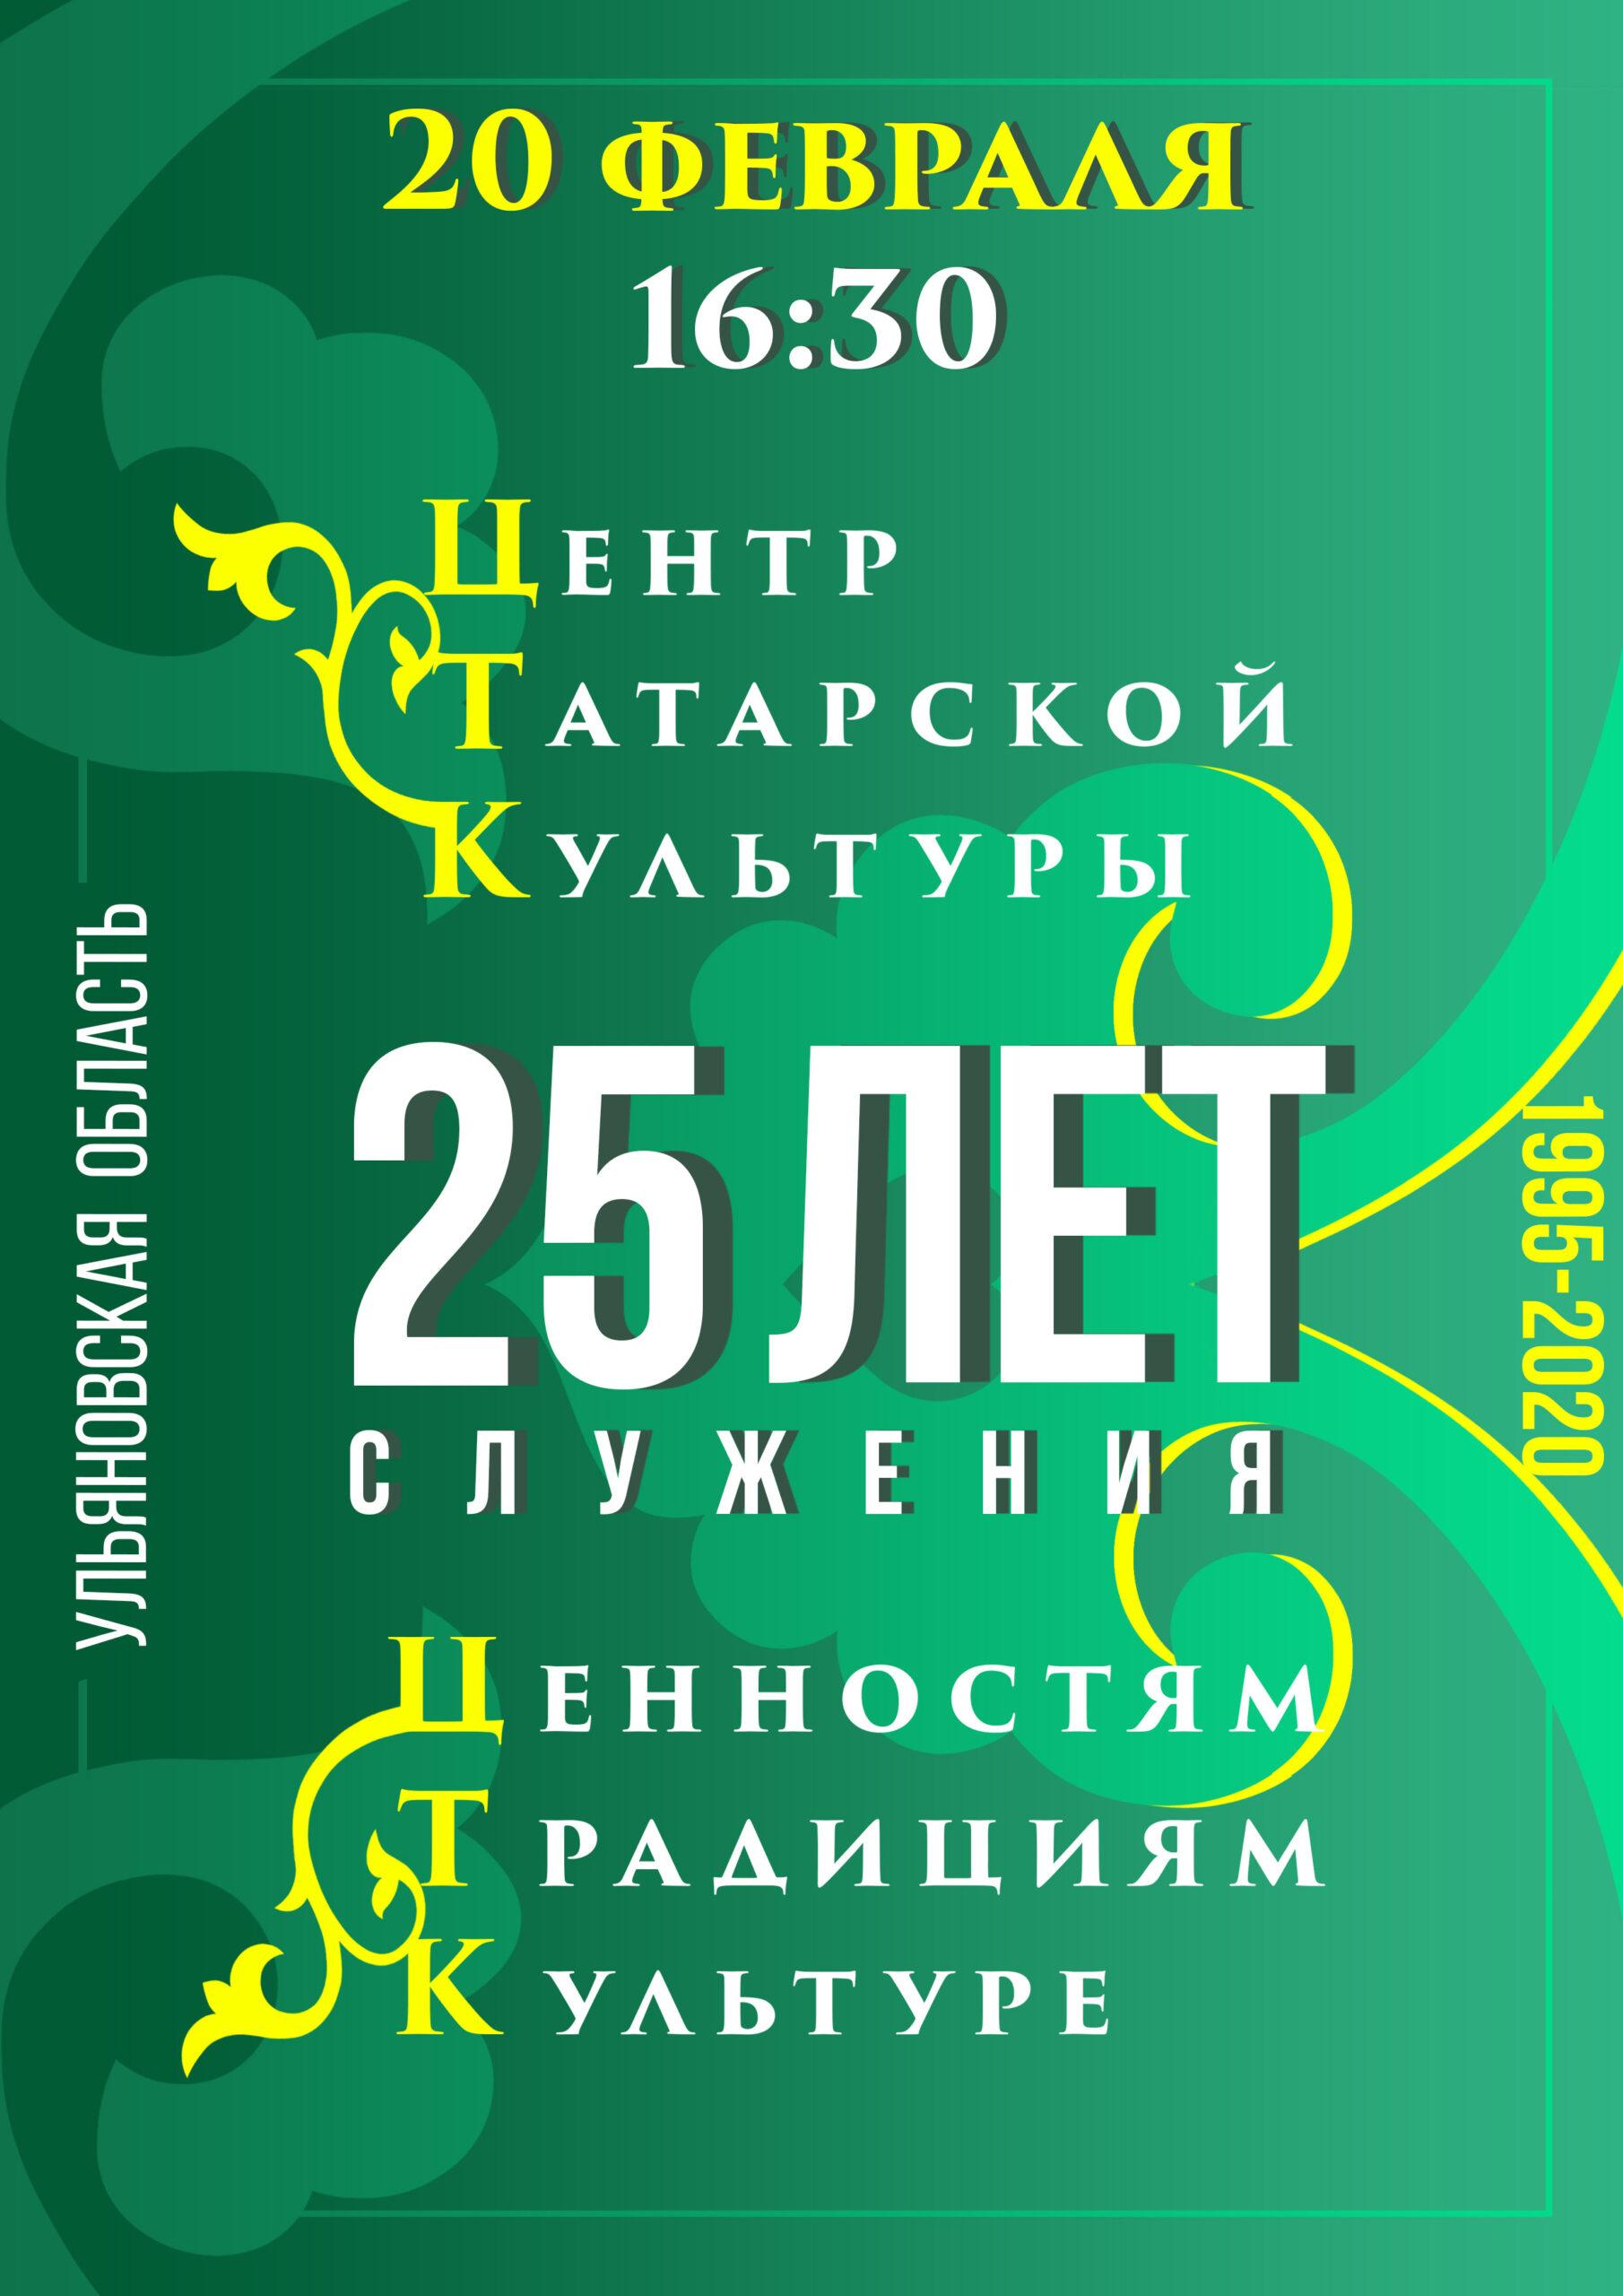 Юбилей Центра татарской культуры @ Центр Татарской Культуры (пр. Нариманова, 25)